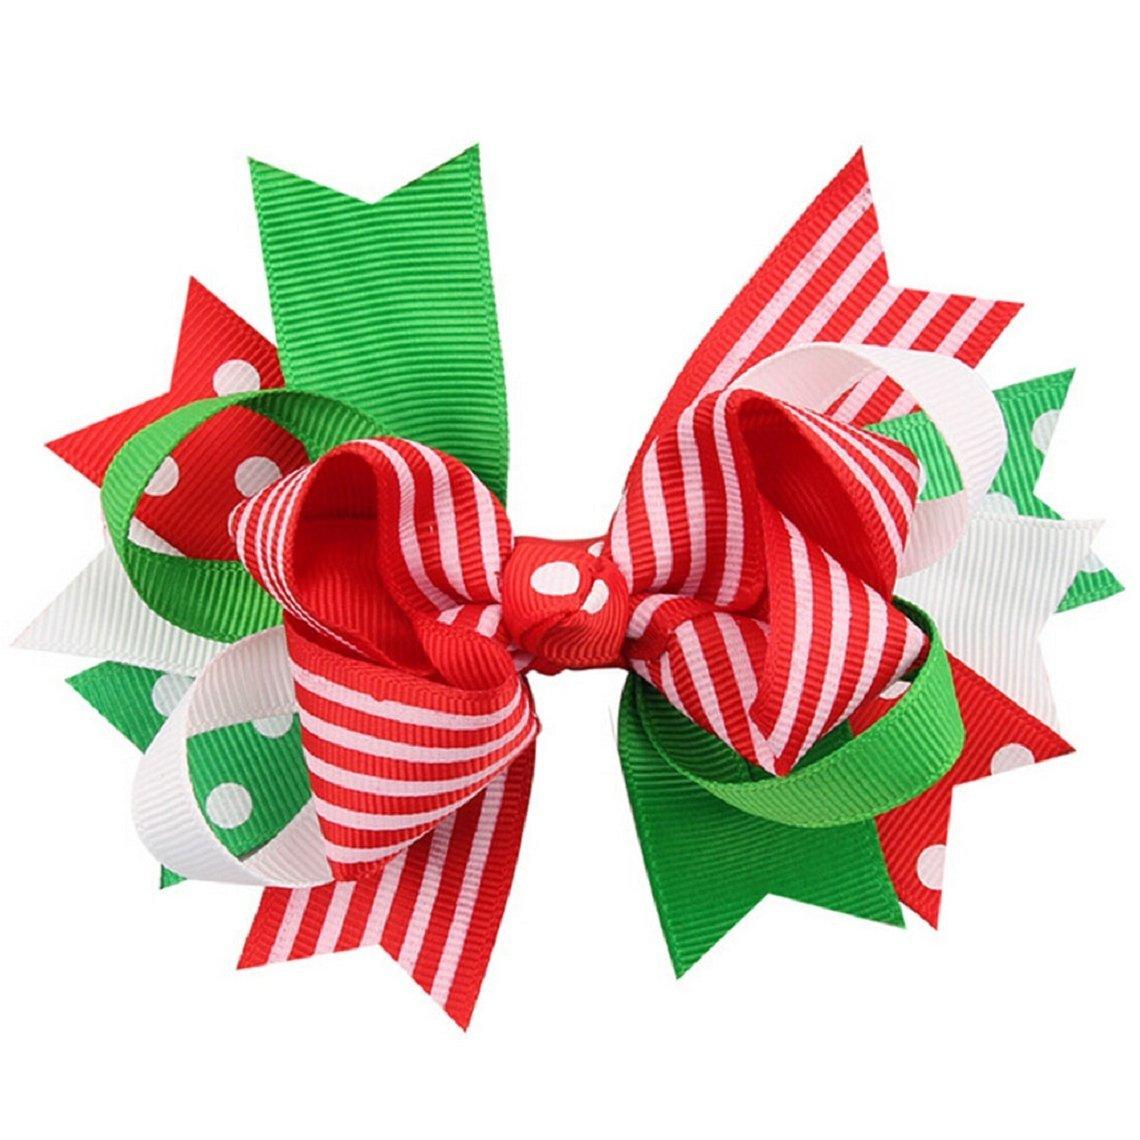 Btfl Горячие Рождество волосы луки Украшения бантом шпильки головной убор (005)